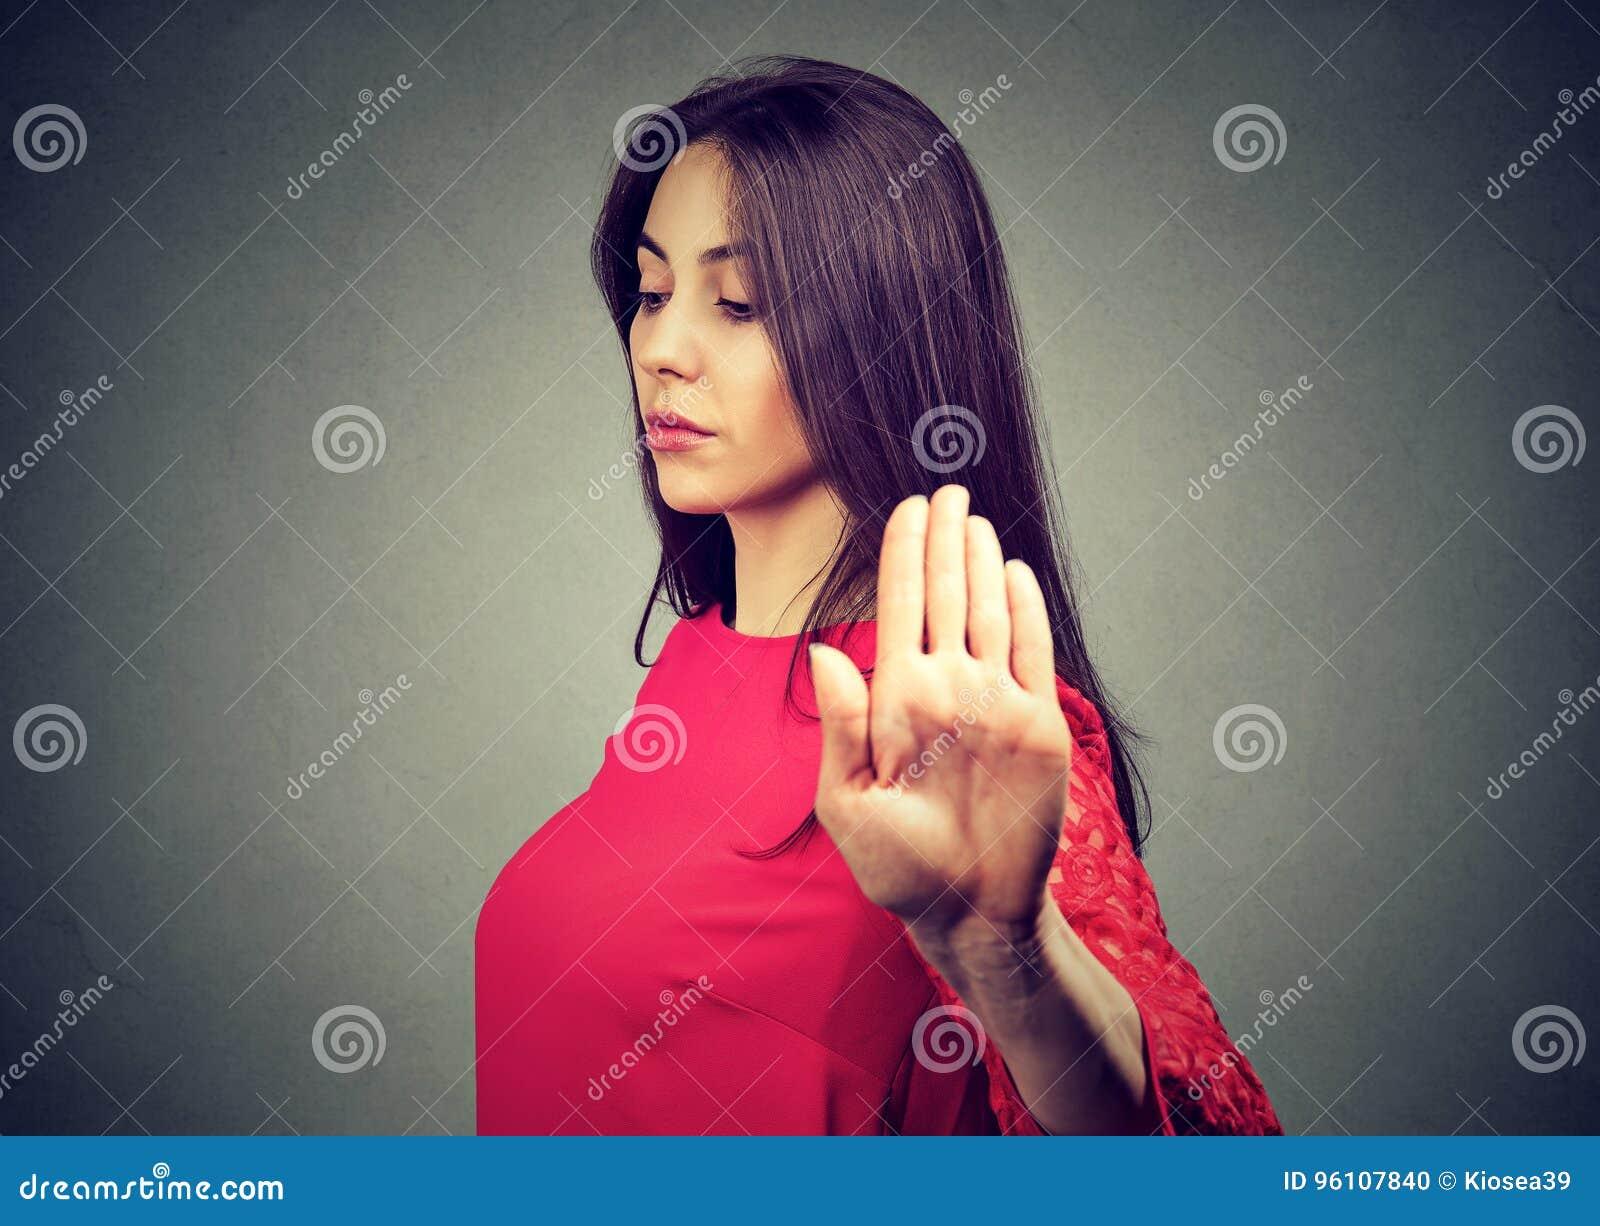 Сердитая обиденная молодая женщина давая беседу к жесту рукой